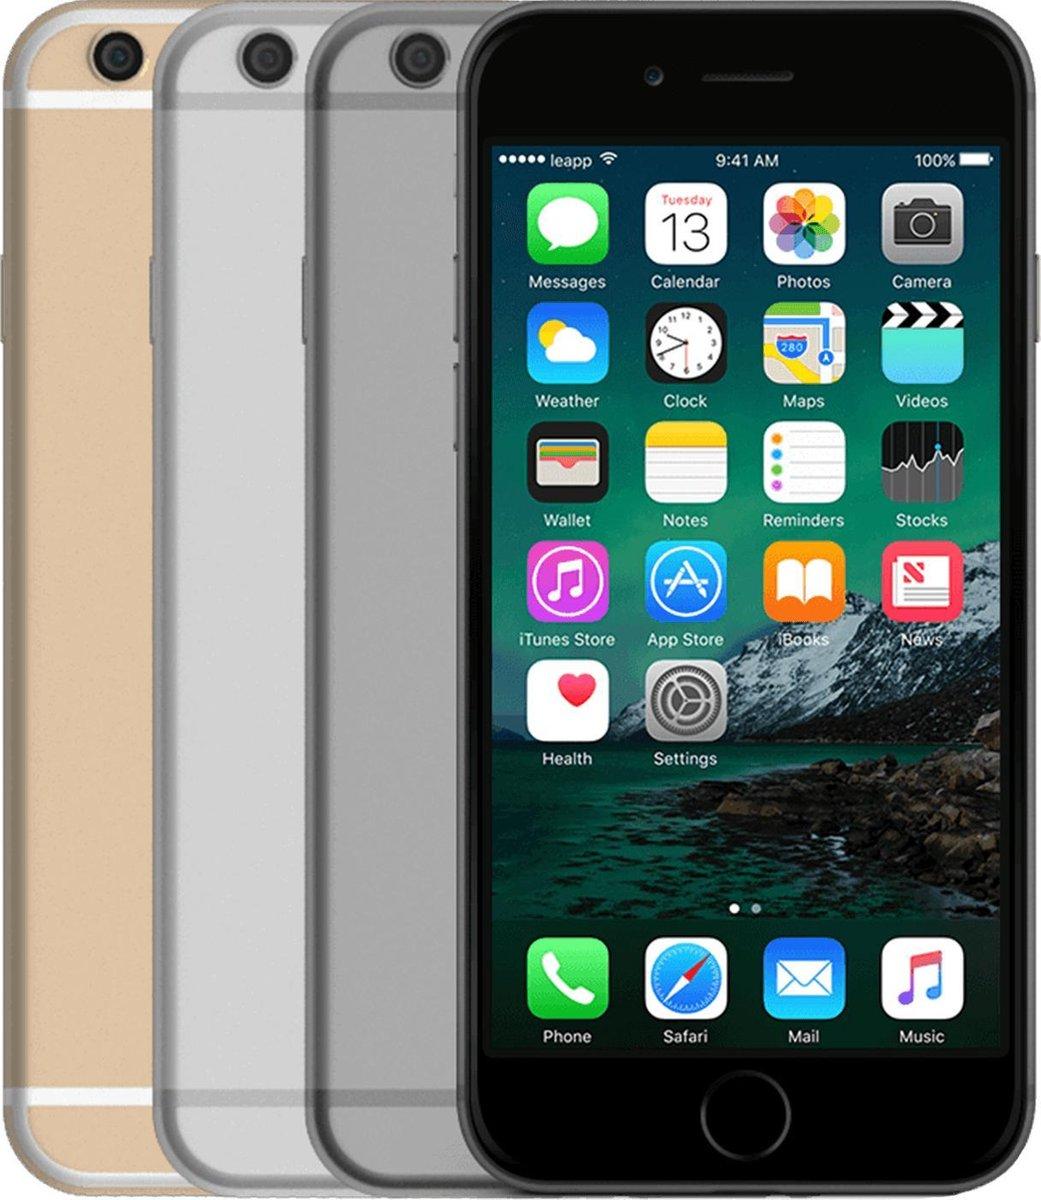 Apple iPhone 6s - Refurbished door Leapp - B grade (Lichte gebruikssporen) - 64GB - Zilver